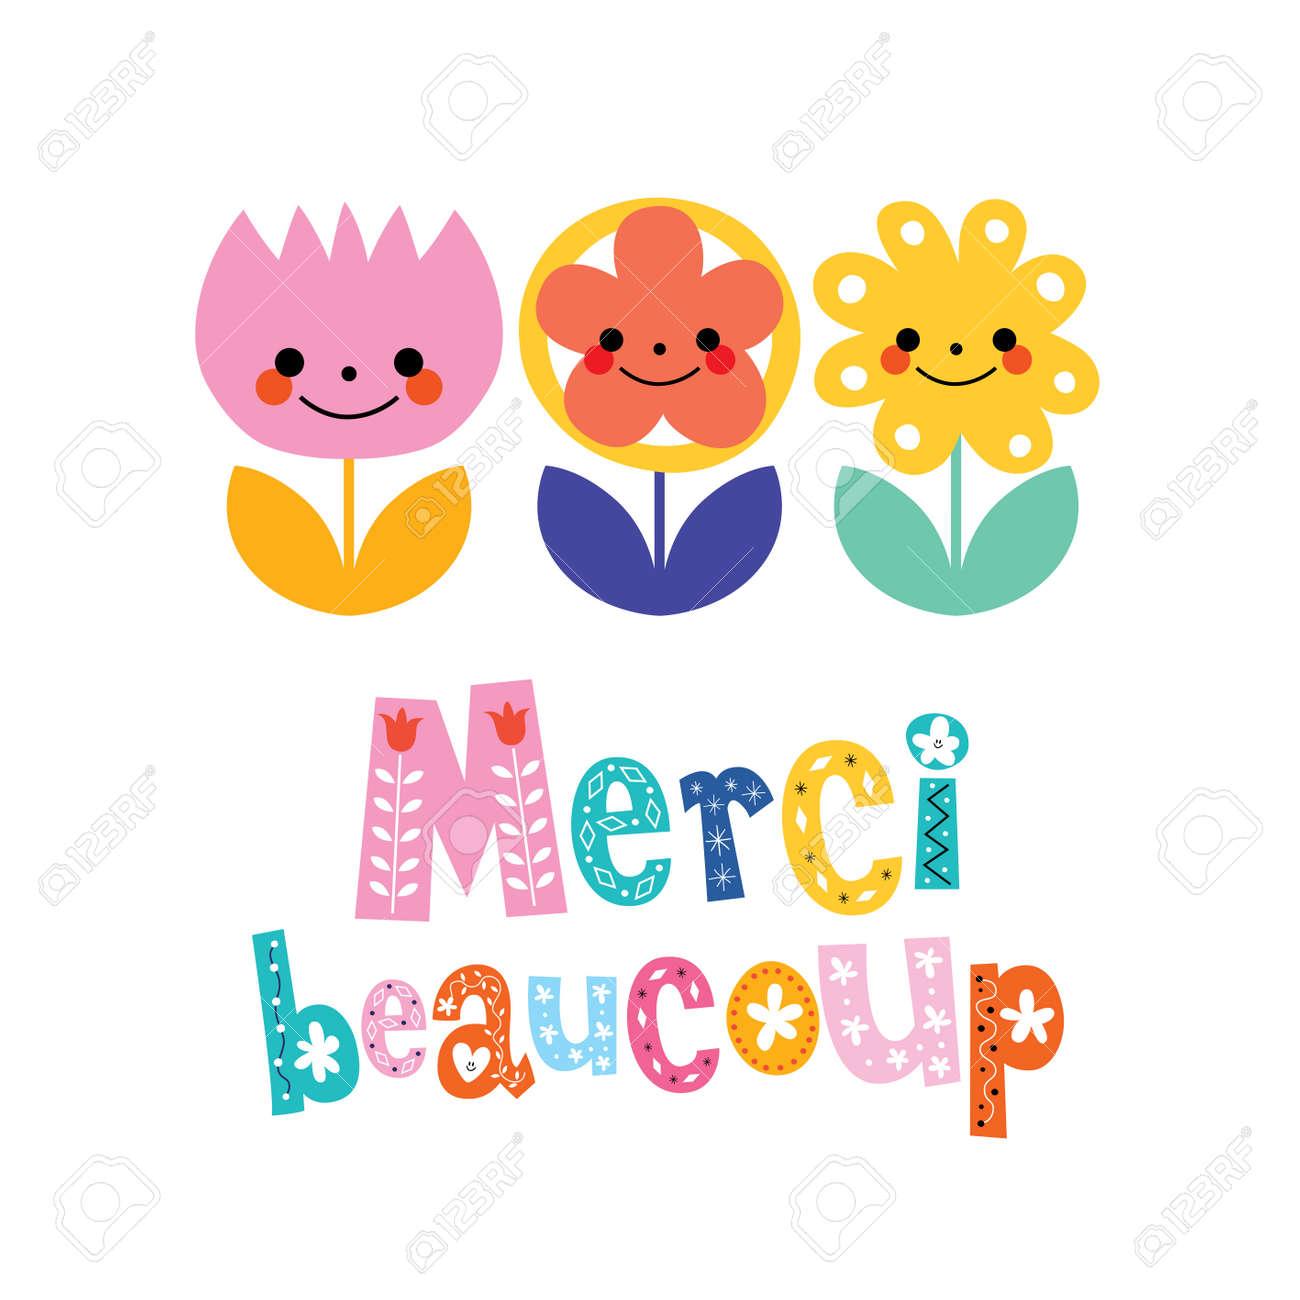 Discussion sur l'étoile du 20 mars   2019 - Page 3 59022276-merci-beaucoup-je-vous-remercie-beaucoup-de-carte-de-voeux-fran%C3%A7aise